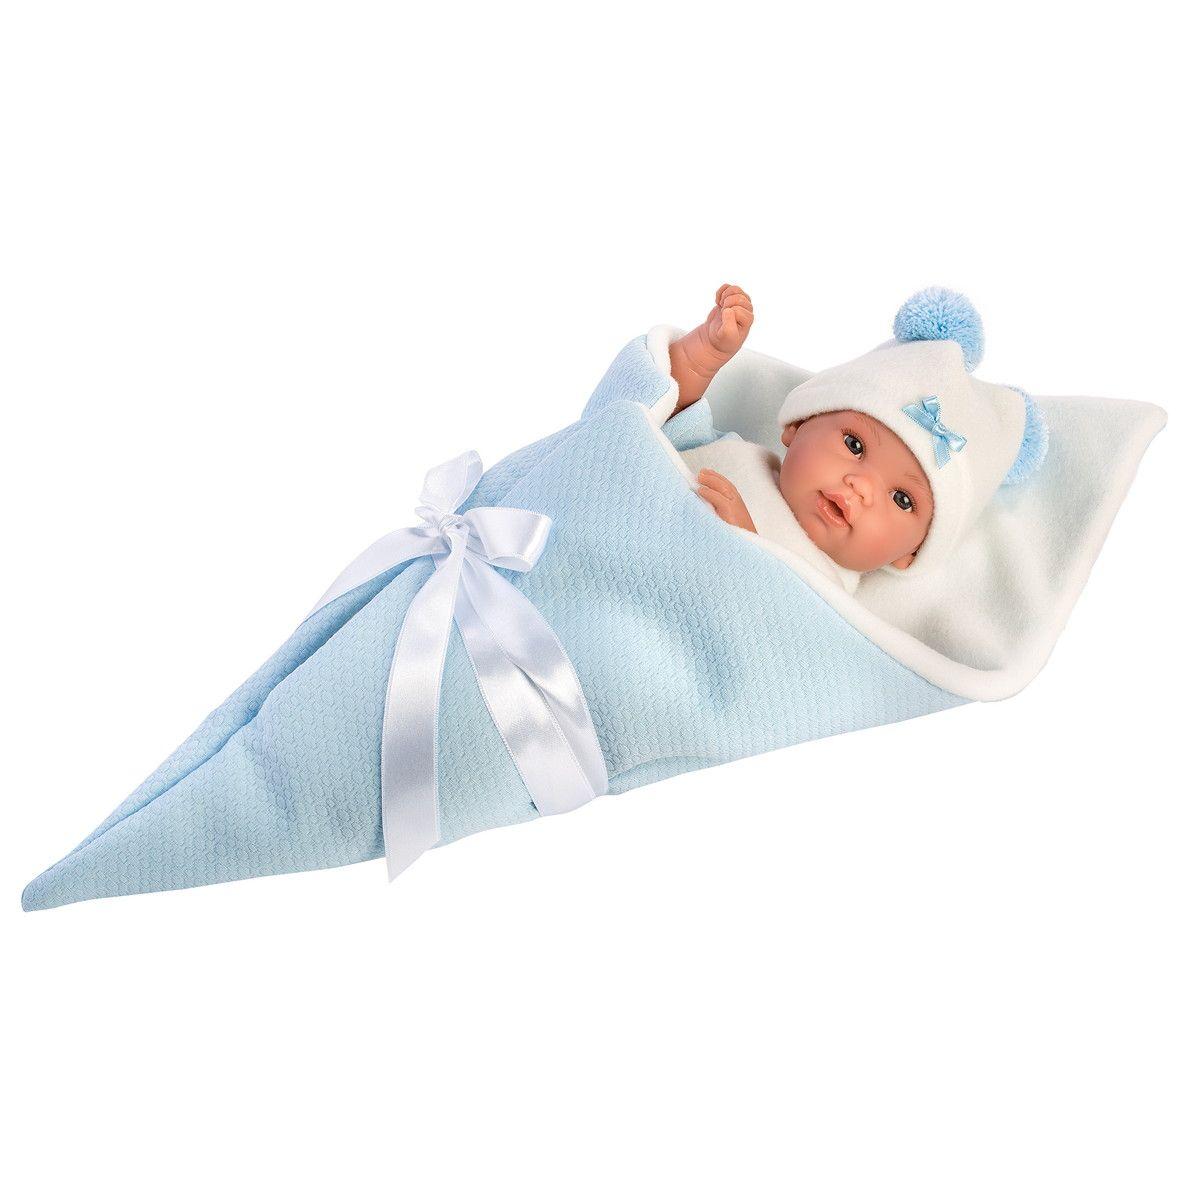 Купить Кукла в голубом конверте, 36 см, Llorens Juan